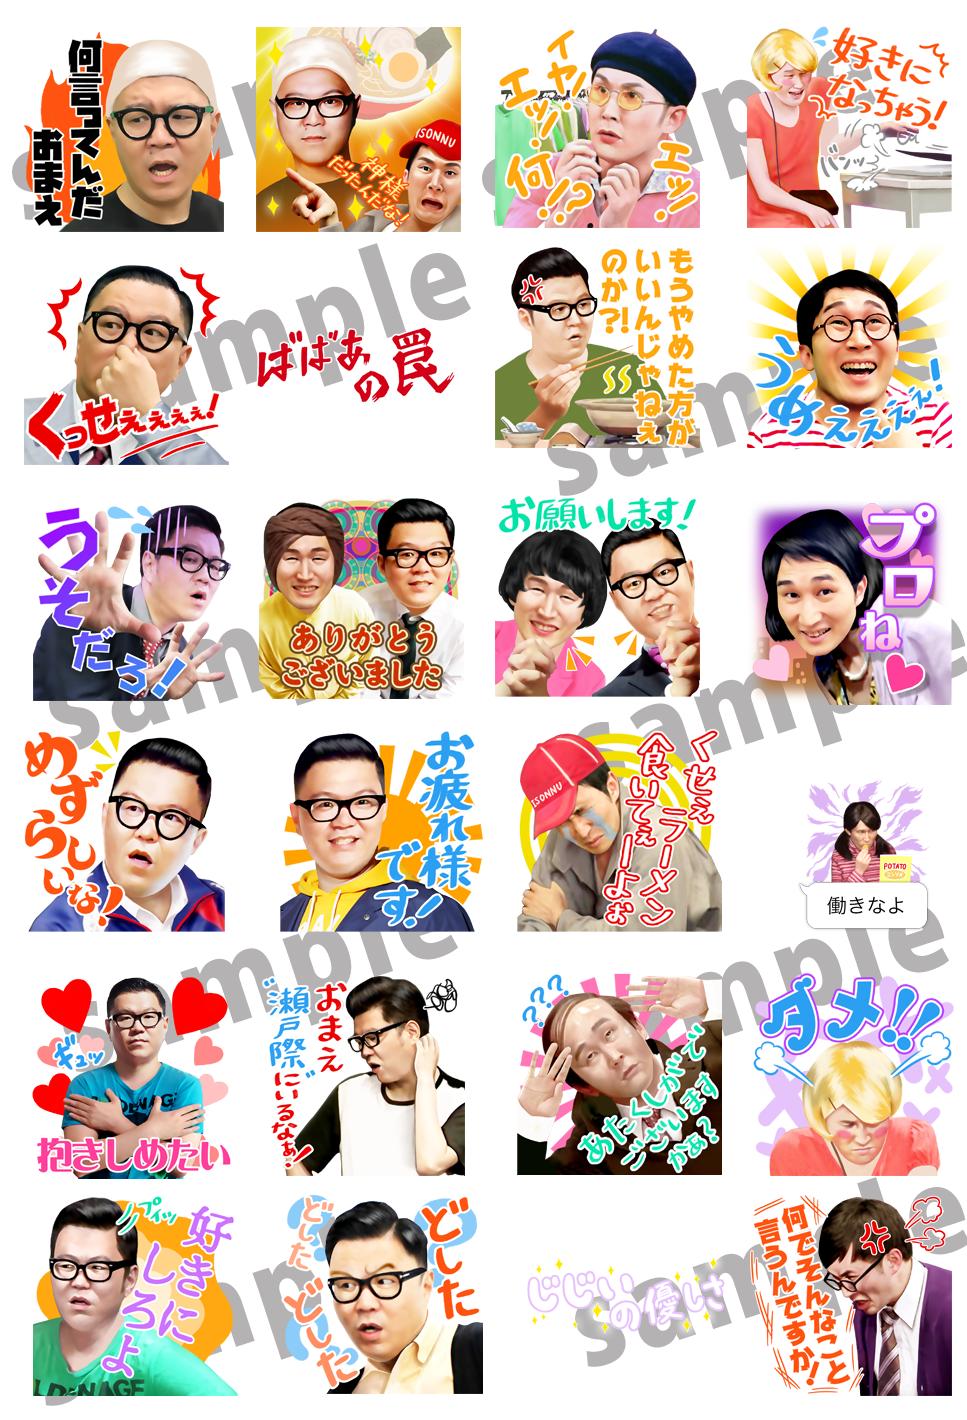 http://news.yoshimoto.co.jp/20170822102500-6efef95a4cf11ea0078793bf693d5b5a8913f85a.png